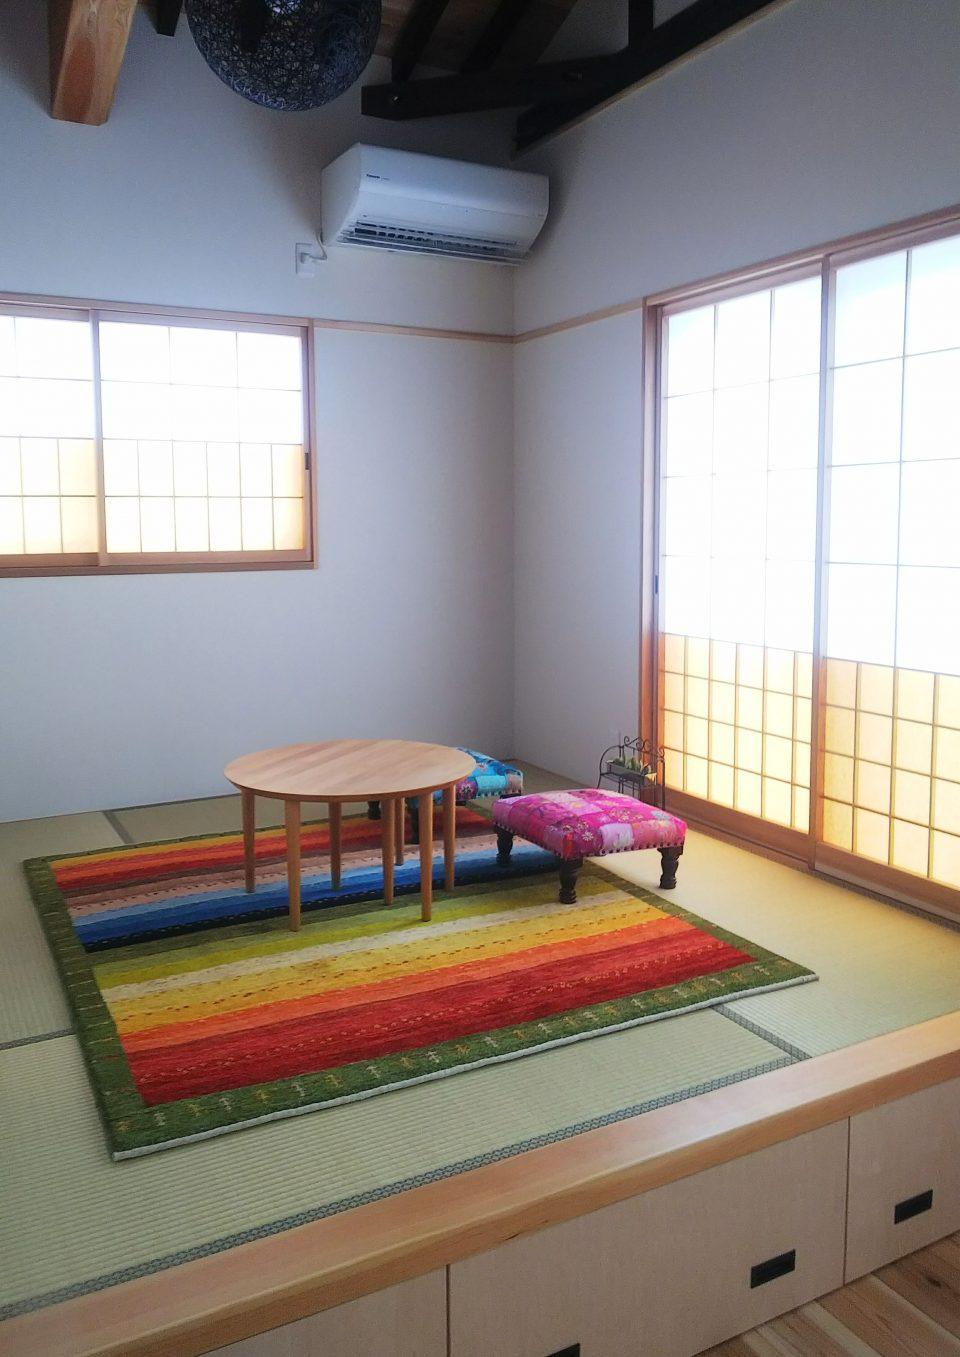 畳の上に虹色のアートギャッベを敷いた様子